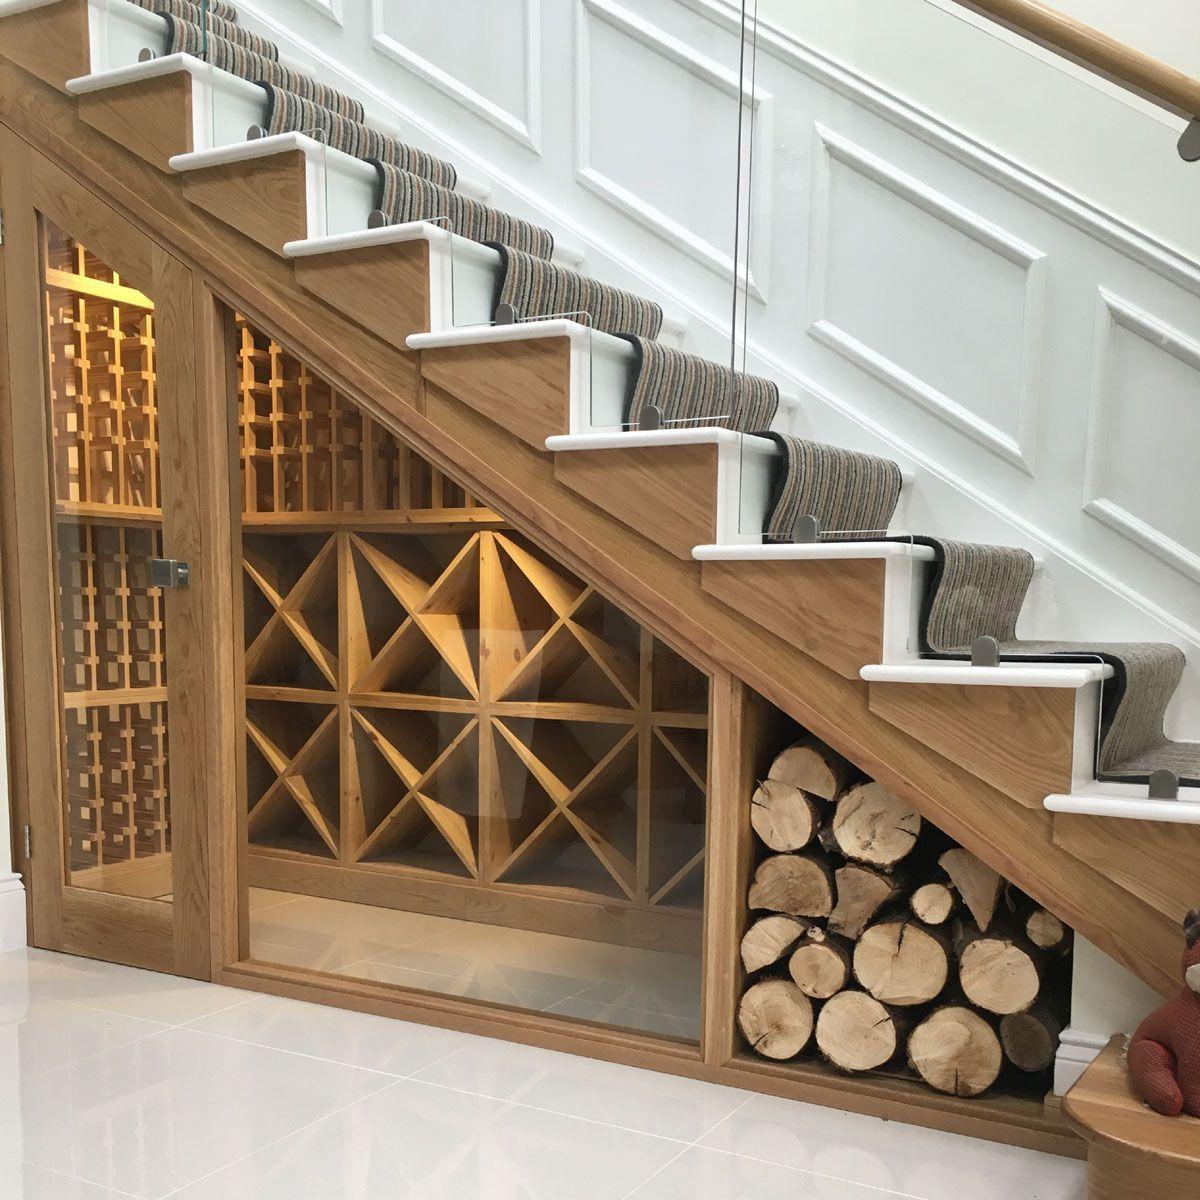 Bespoke Under Stairs Shelving